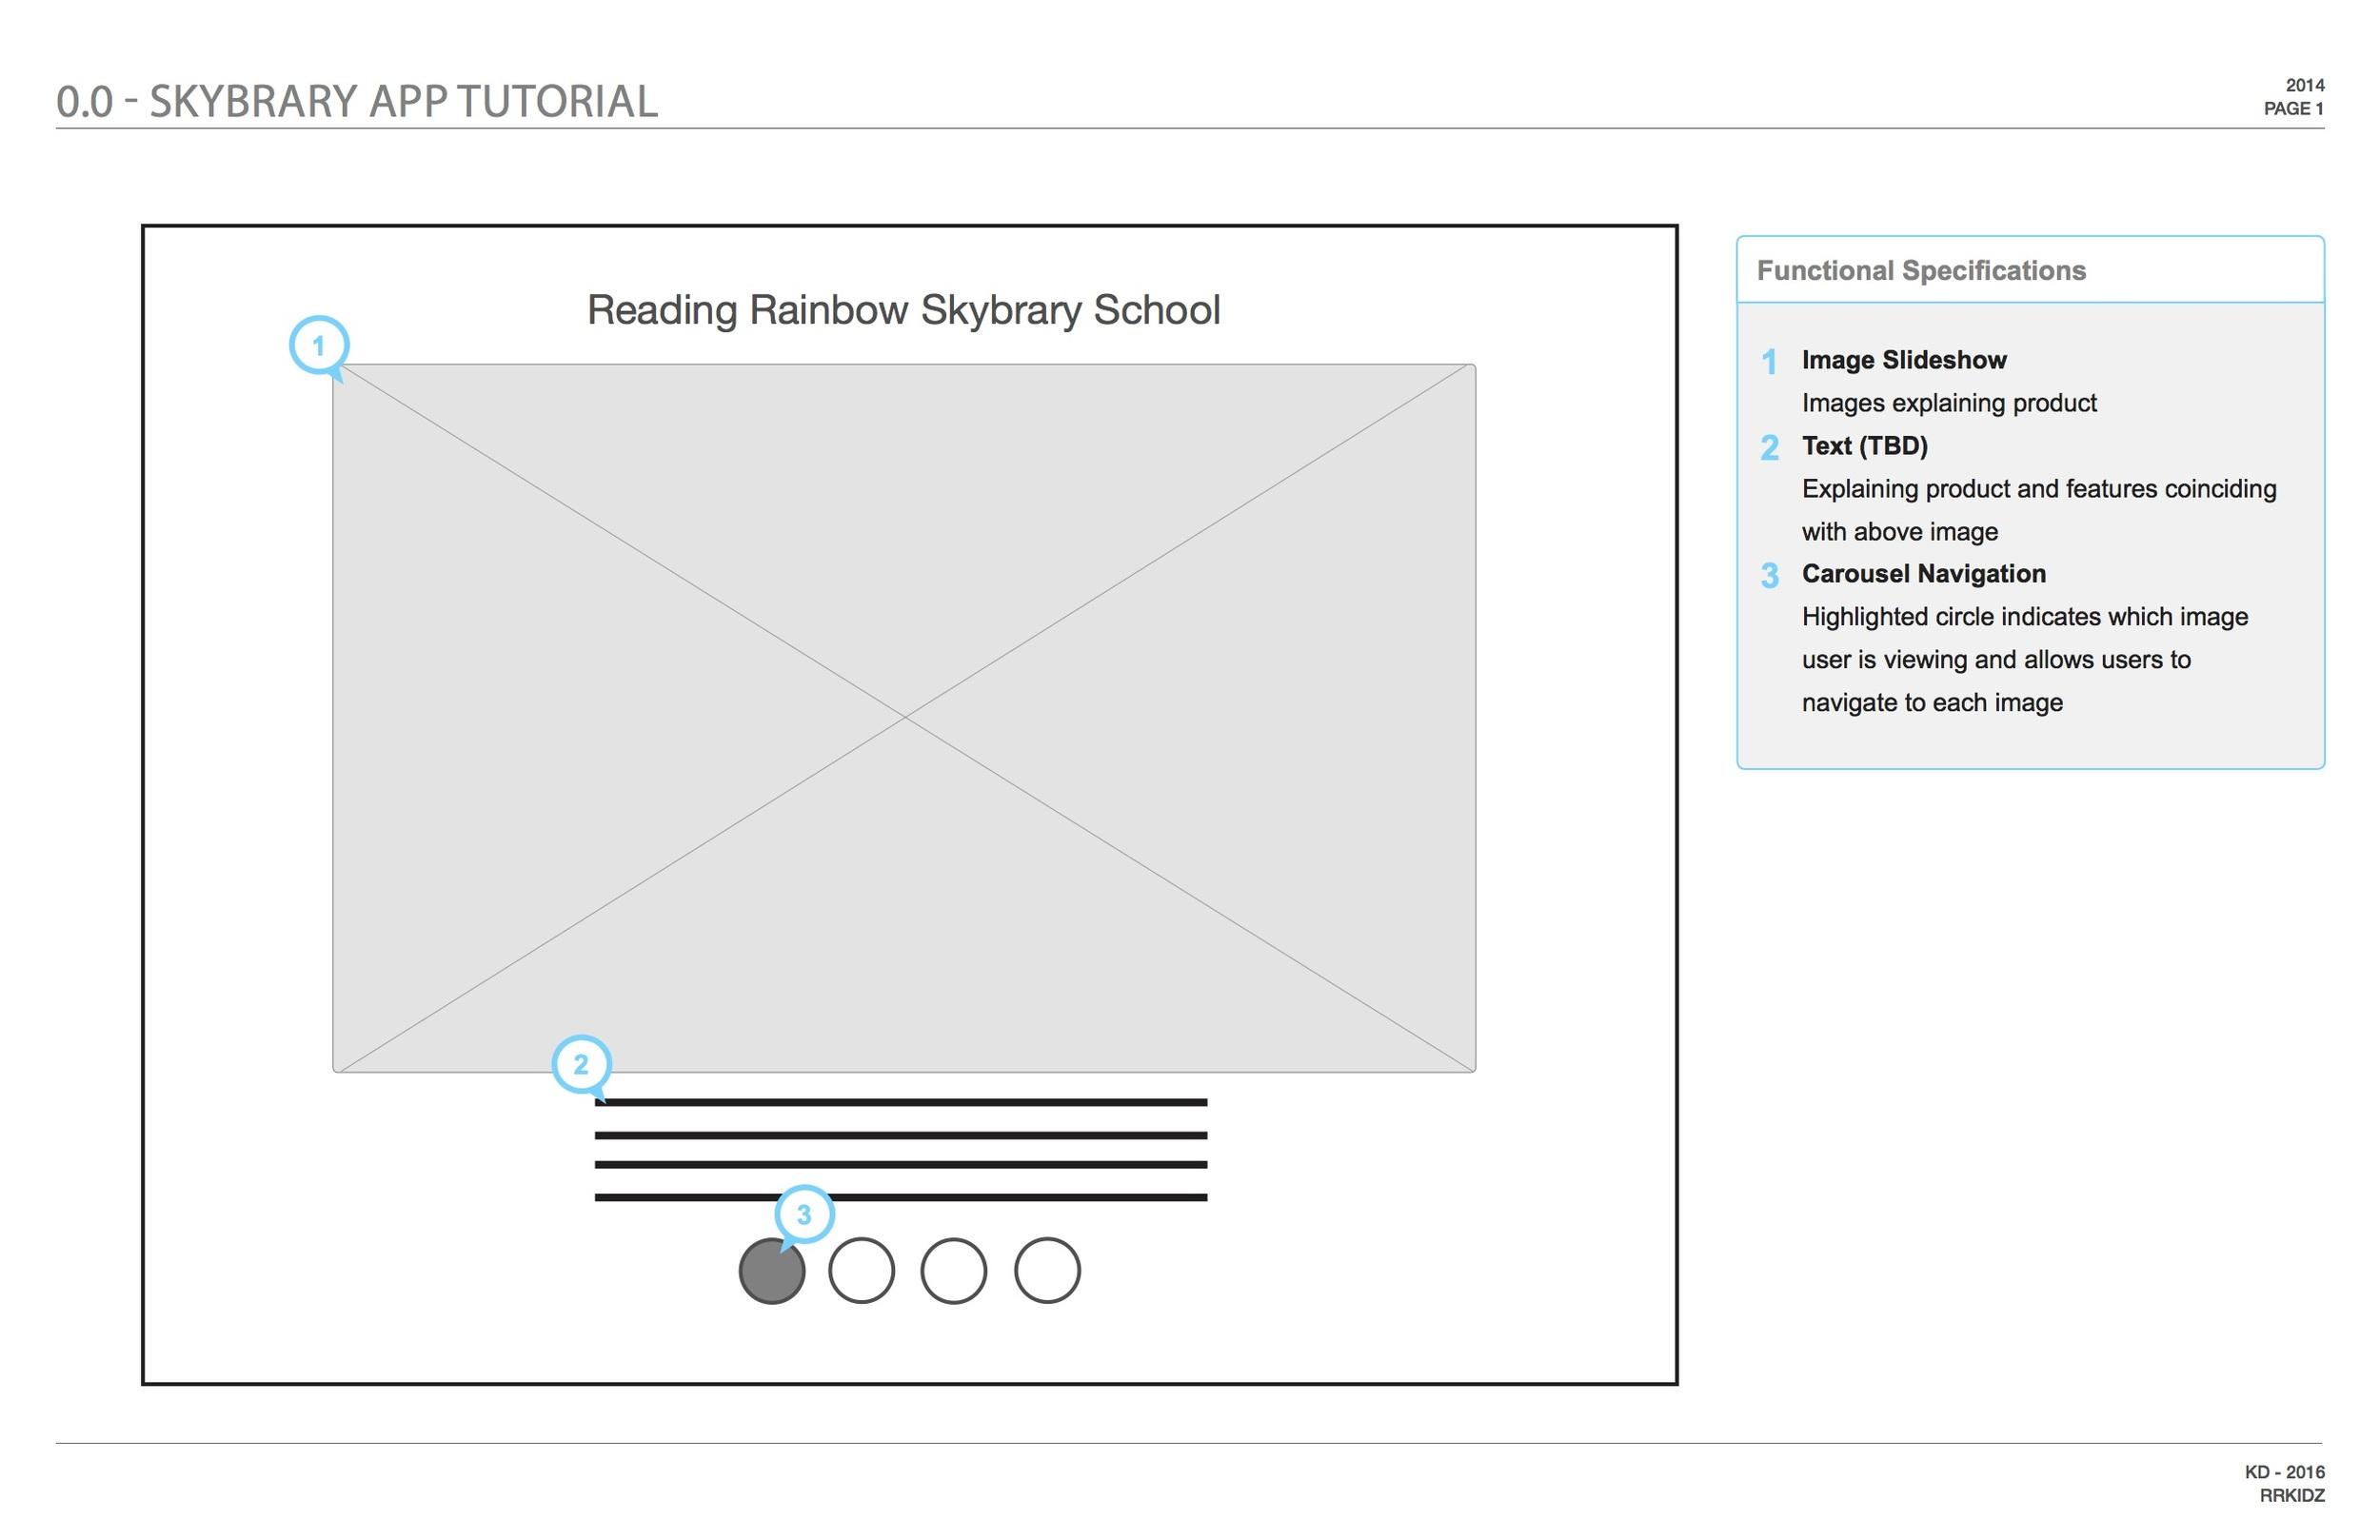 RR_Skybrary_iOS 3.jpg